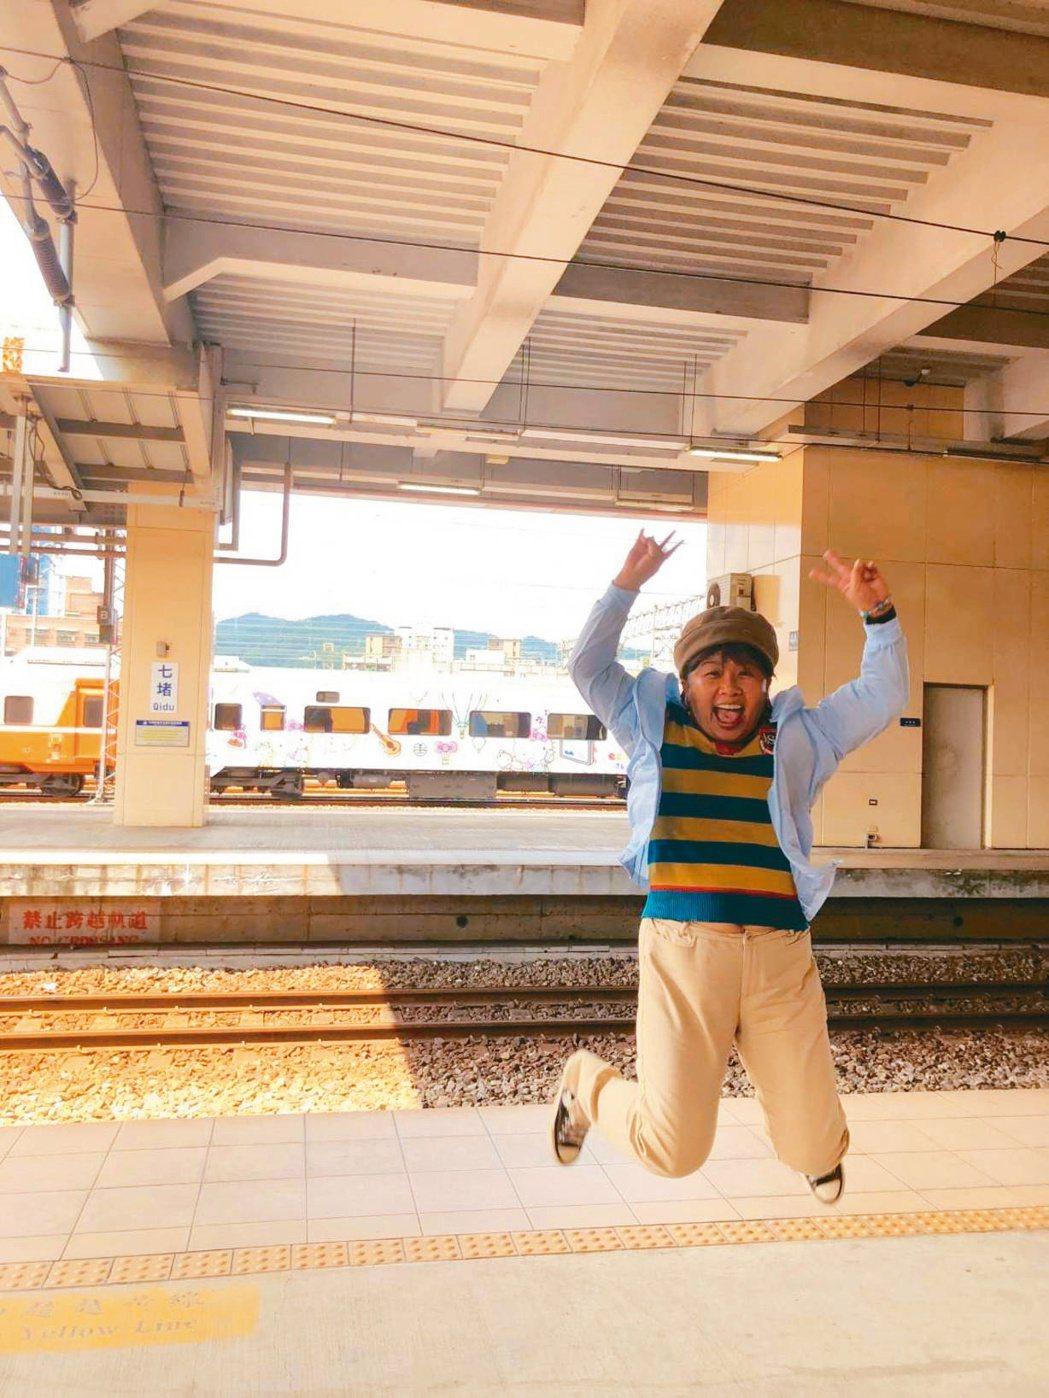 在治療中,我享受每一段旅行,在旅行中最喜歡拍跳躍的照片,讓大家看到活力充沛的我。...